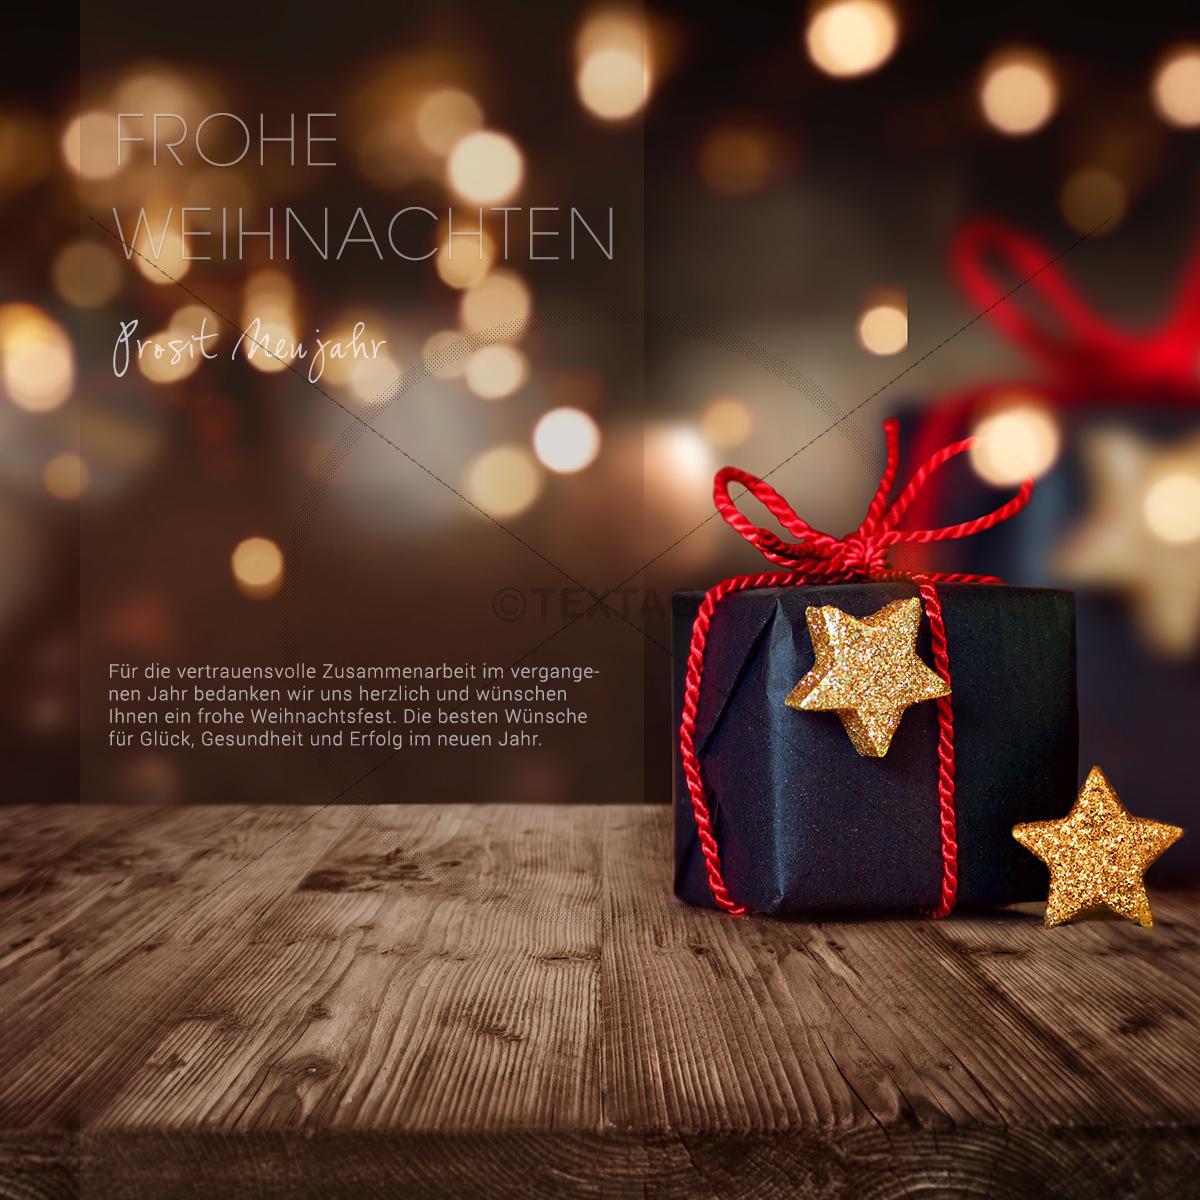 digitale weihnachts e card in bronze mit schwarzem. Black Bedroom Furniture Sets. Home Design Ideas